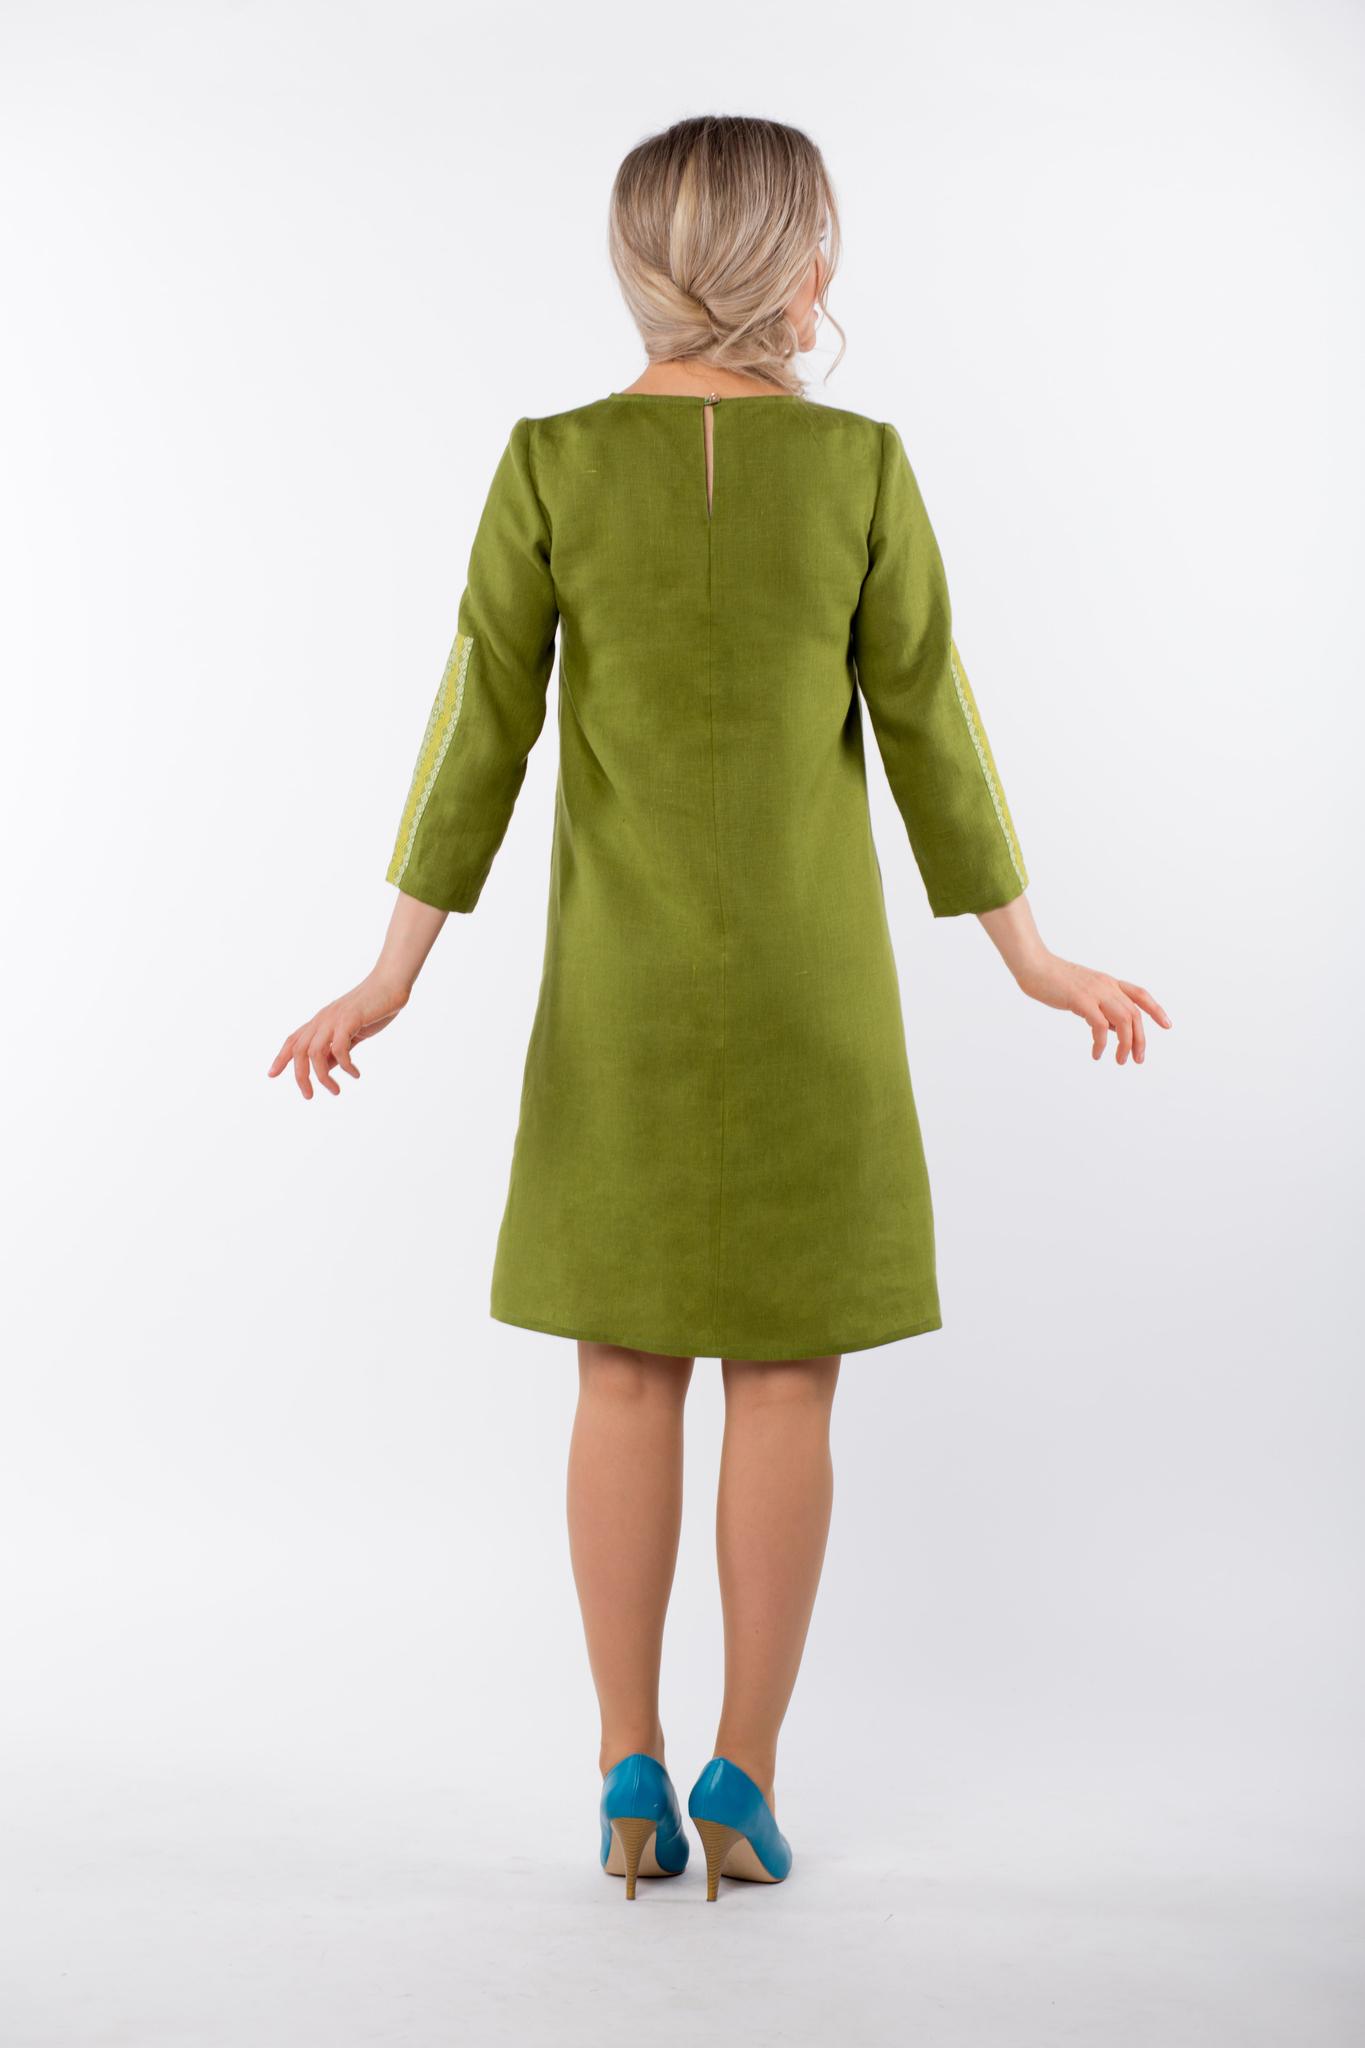 Платье льняное Розмарин вид сзади